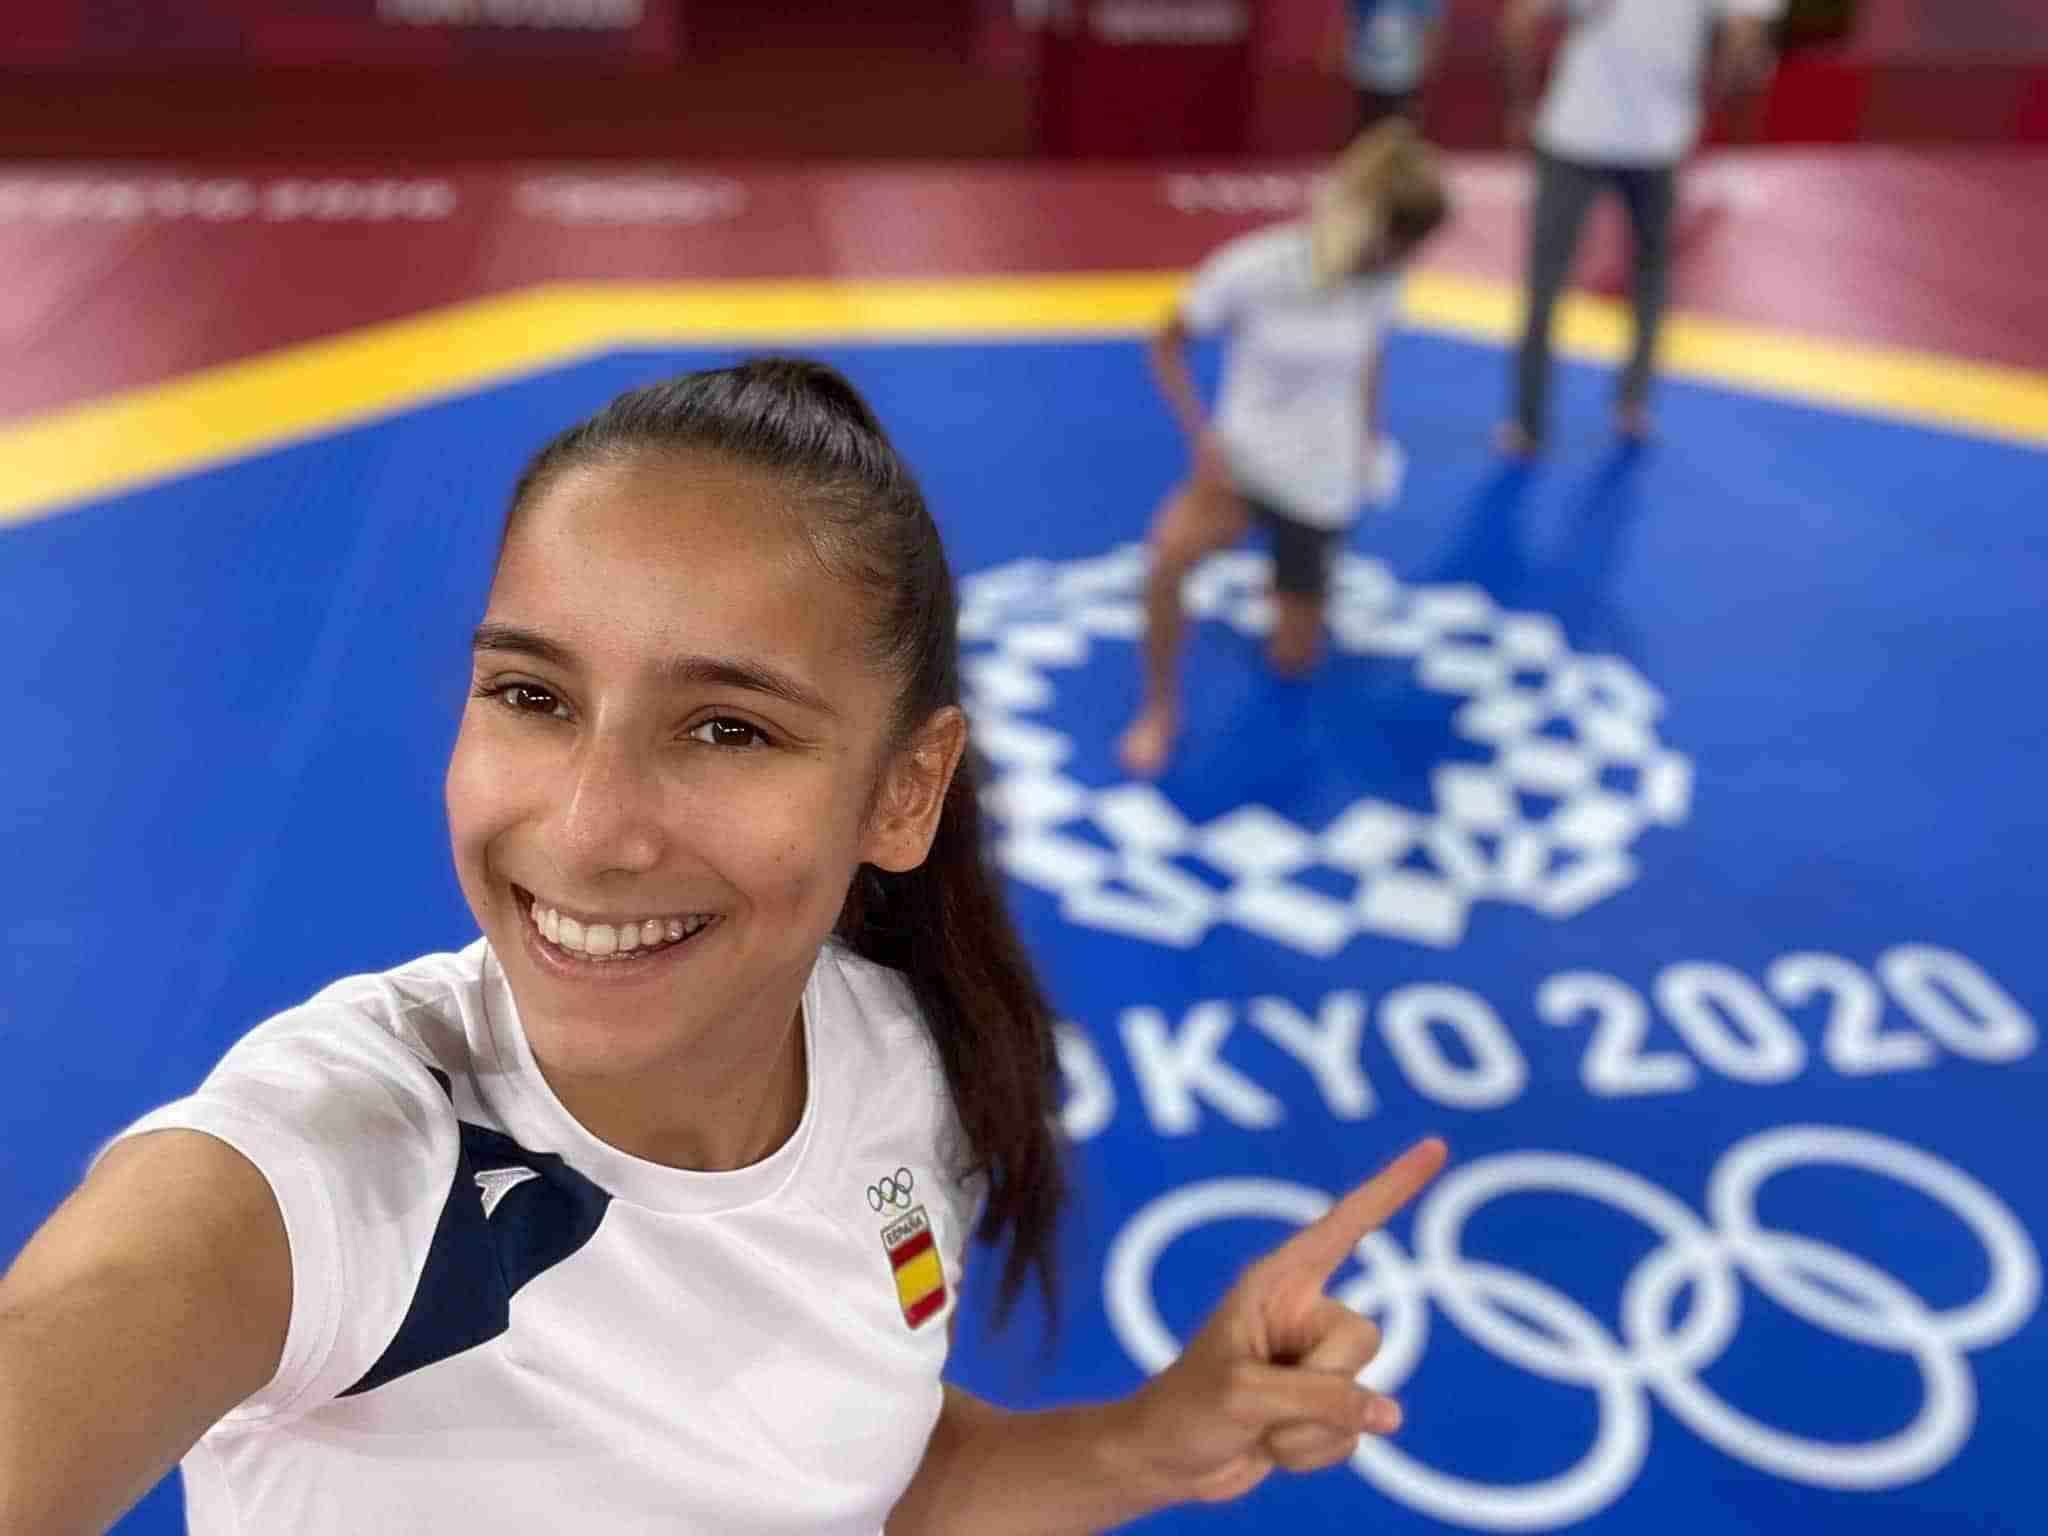 Adriana Cerezo se asegura la medalla olímpica en Taekwondo en Tokyo 2020 8